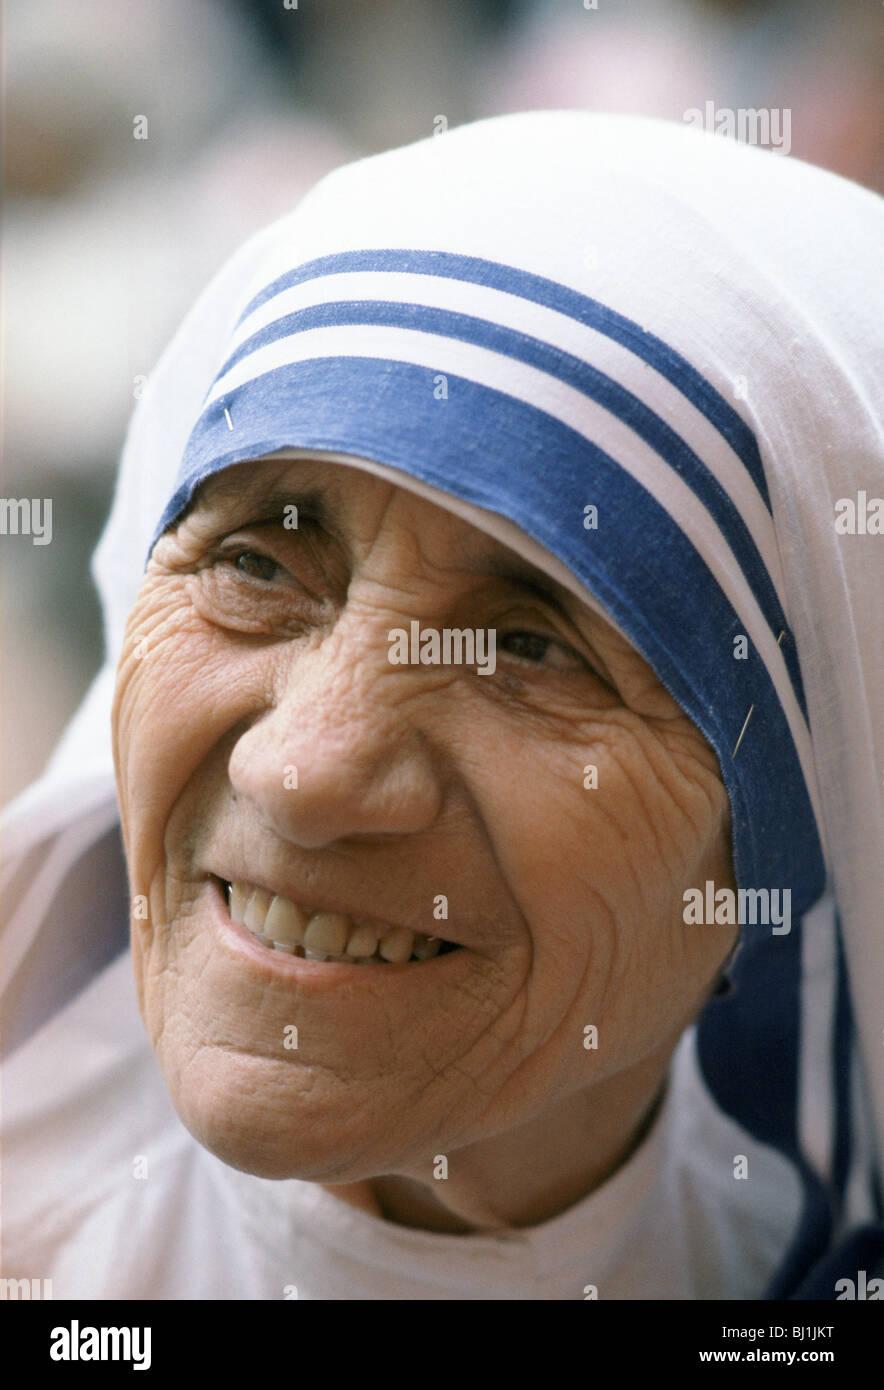 Madre Teresa di Calcutta alla sua missione di aiuto ai poveri e affamati, Calcutta, India Immagini Stock